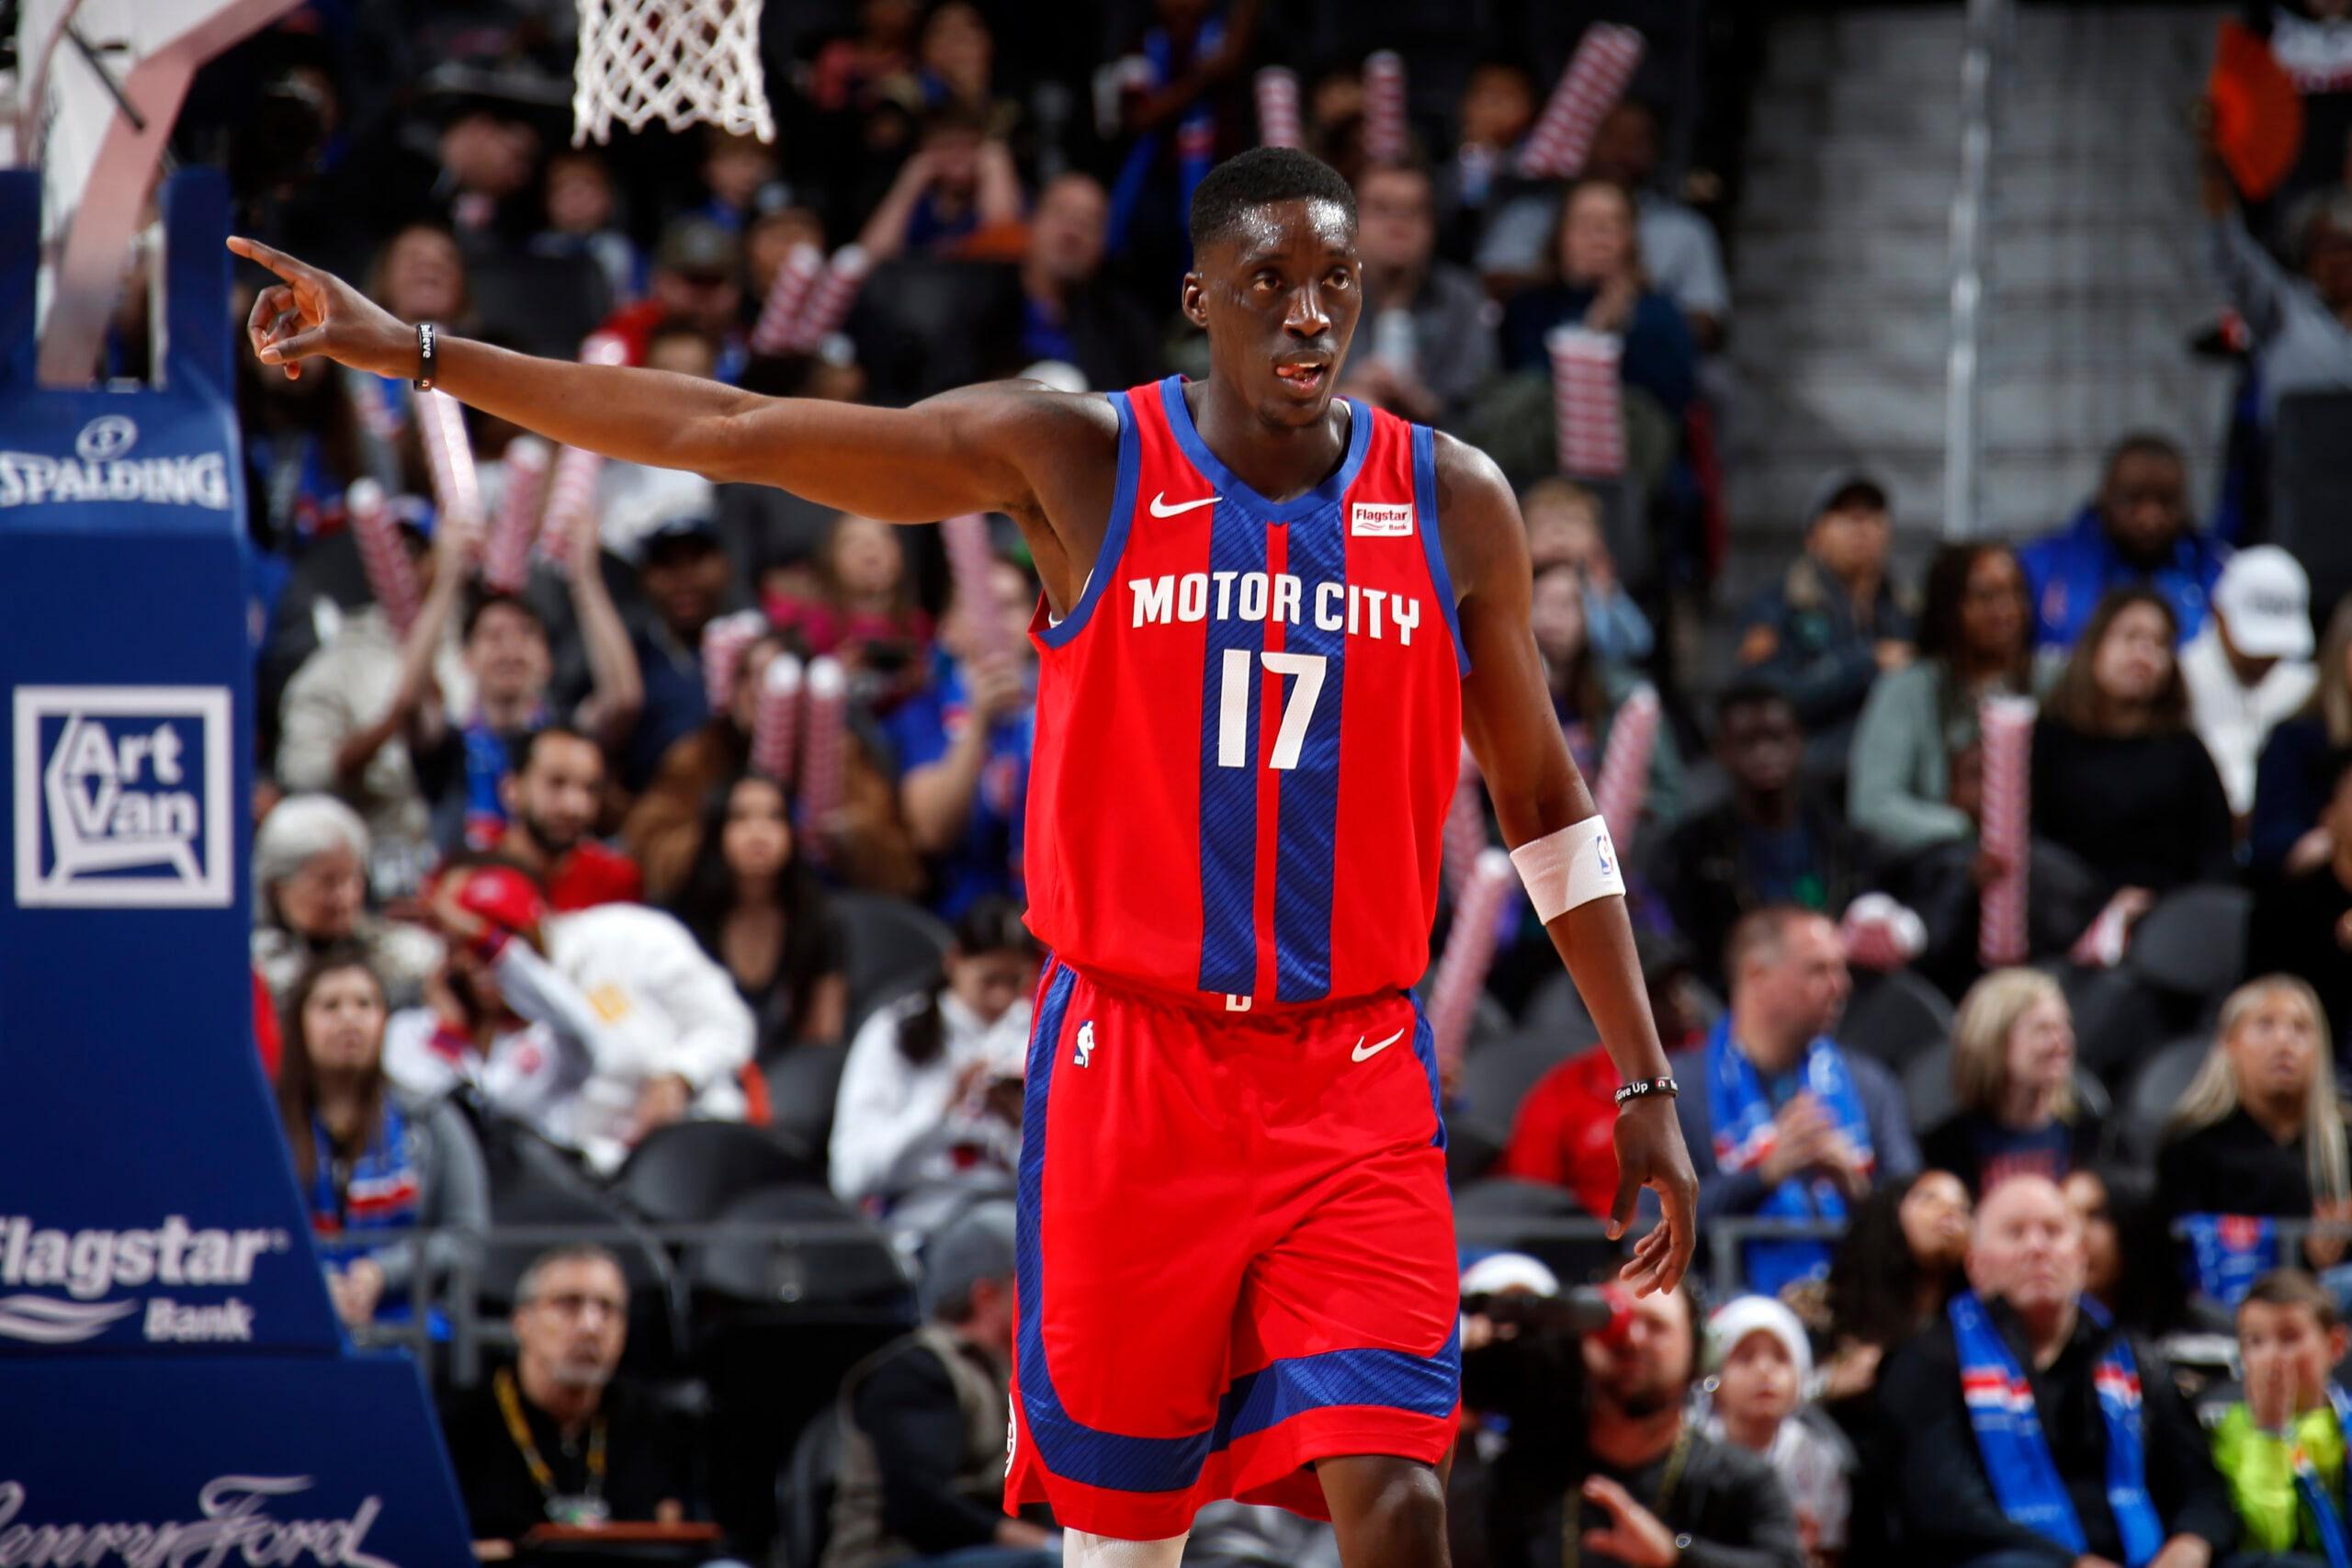 Reports: Hawks trade Dewayne Dedmon to Pistons for Tony Snell